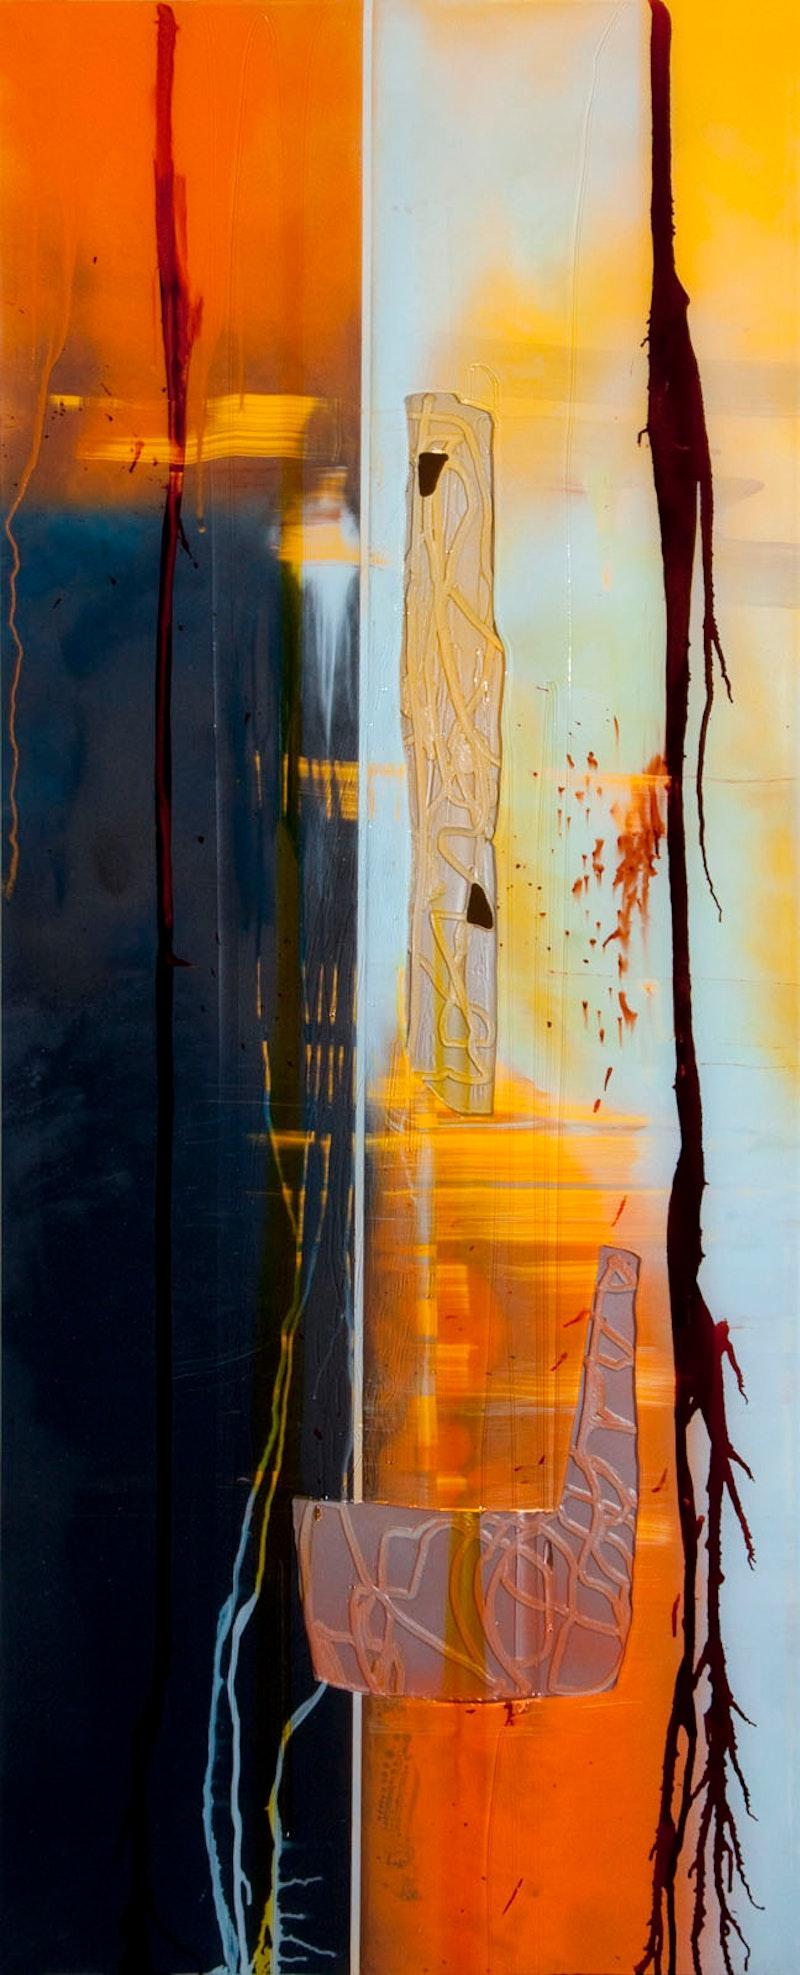 No 34 Copper Layer Image 1